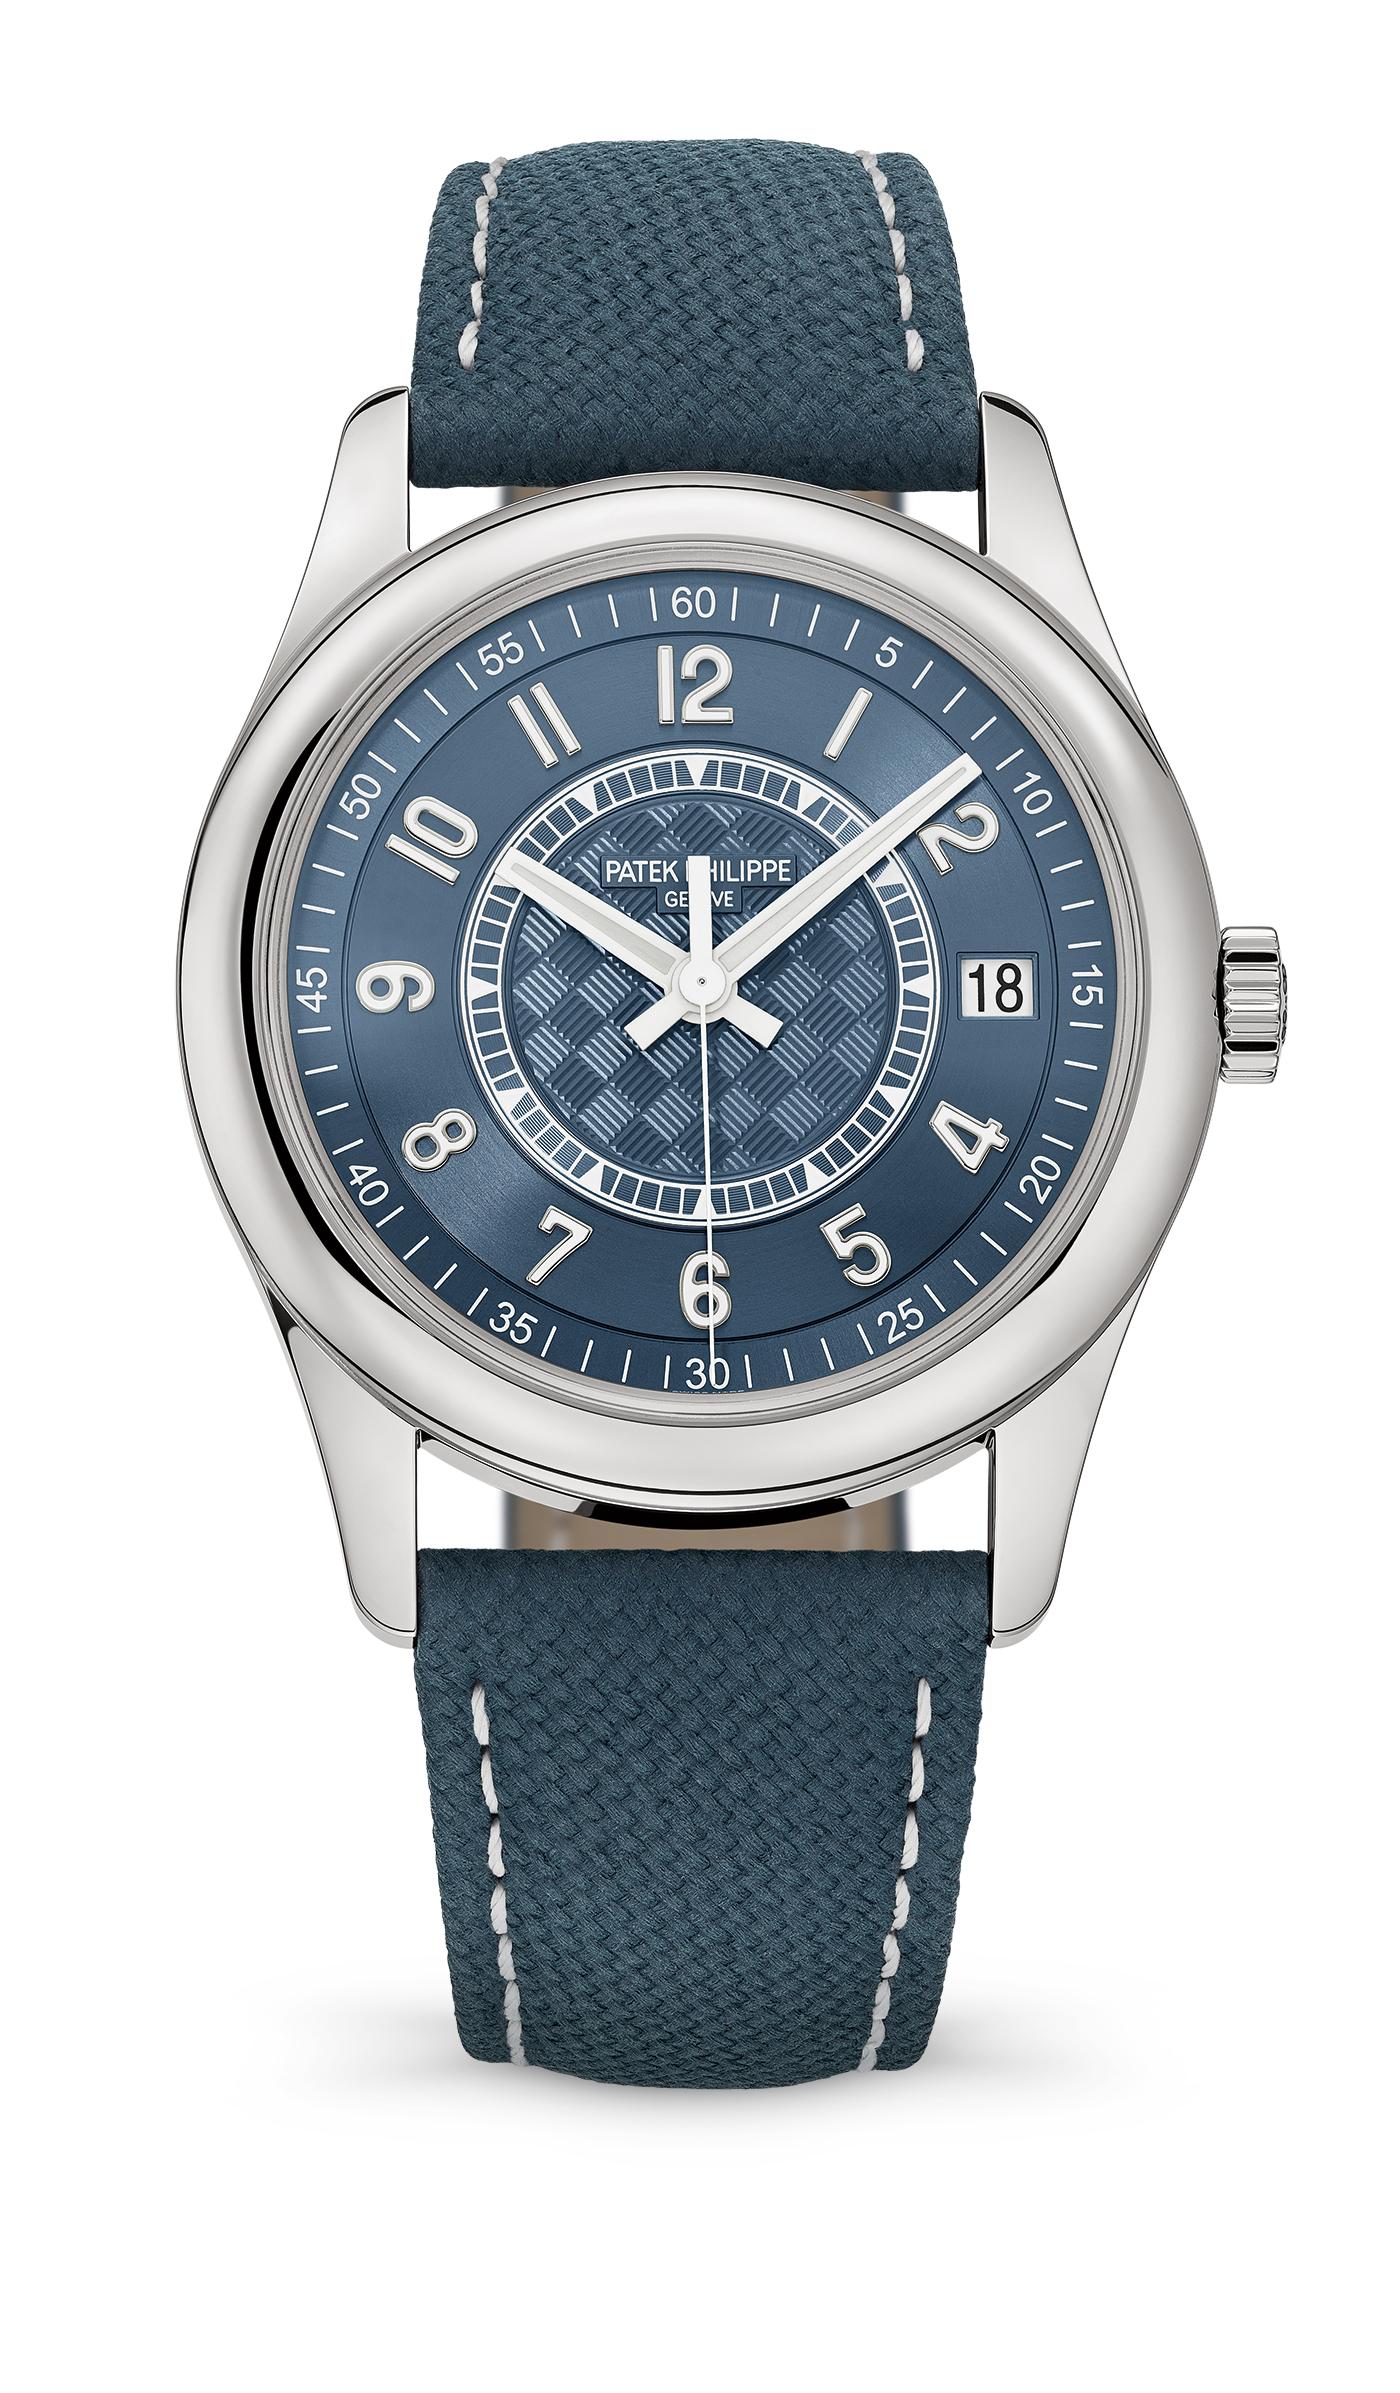 Top New Patek Philippe Calatrava Ref. 6007A Replica Watch